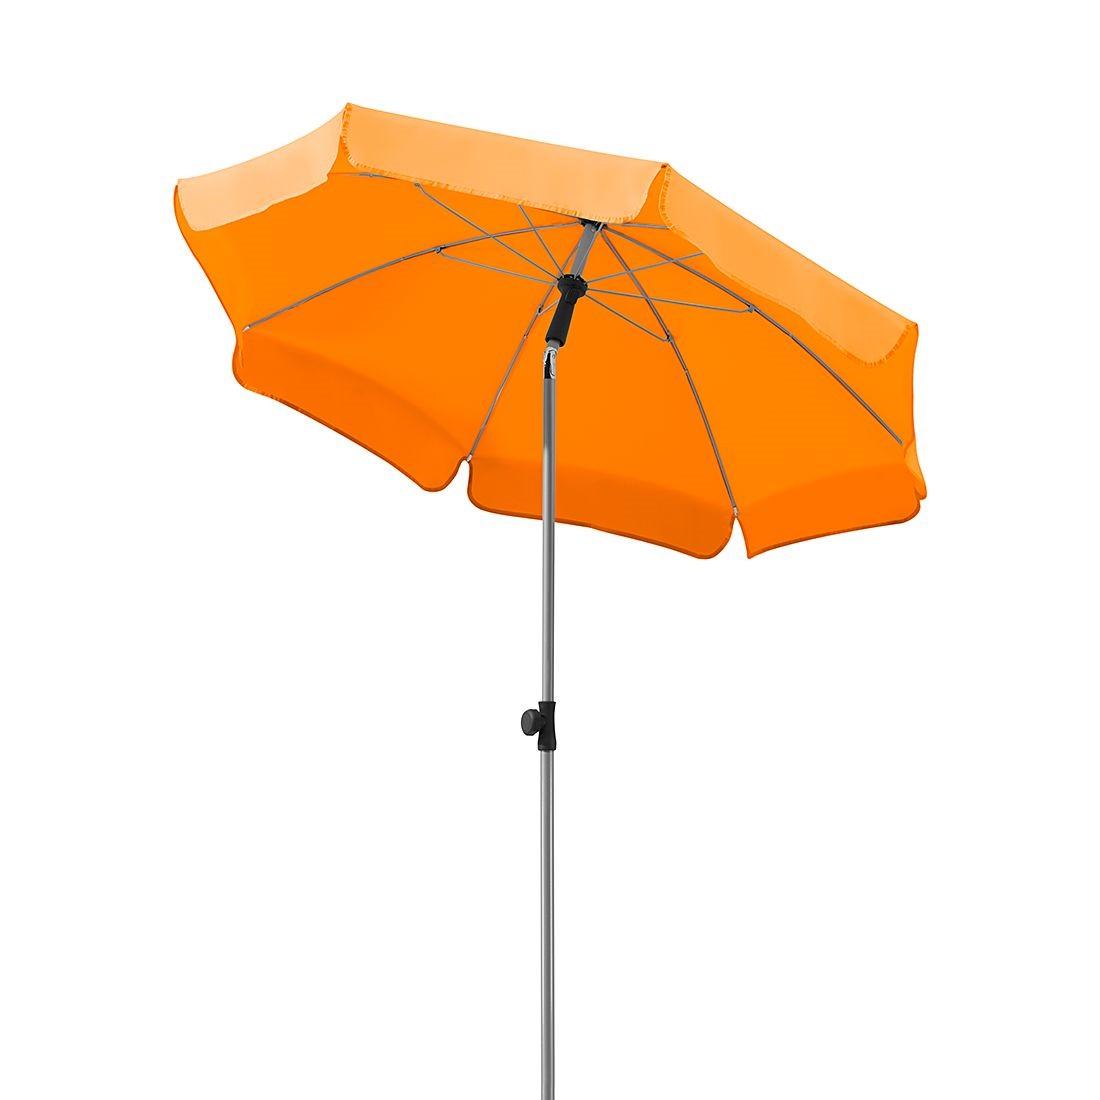 Home 24 - Parasol micco i - acier / polyester - argenté / mandarine, schneider schirme